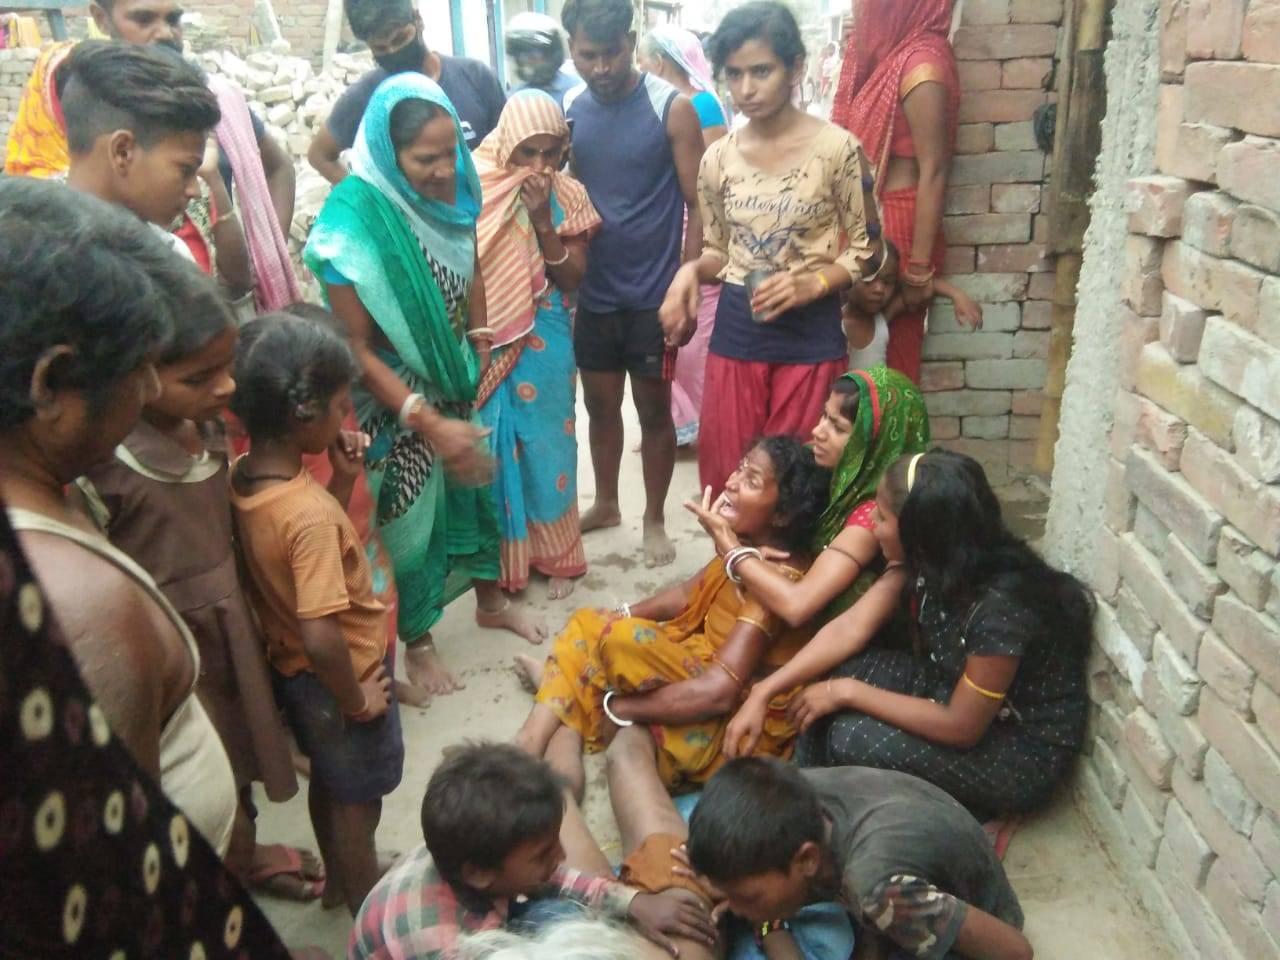 पानी भरे गड्ढे में डूबकर एक ही गांव के पांच बच्चों की मौत